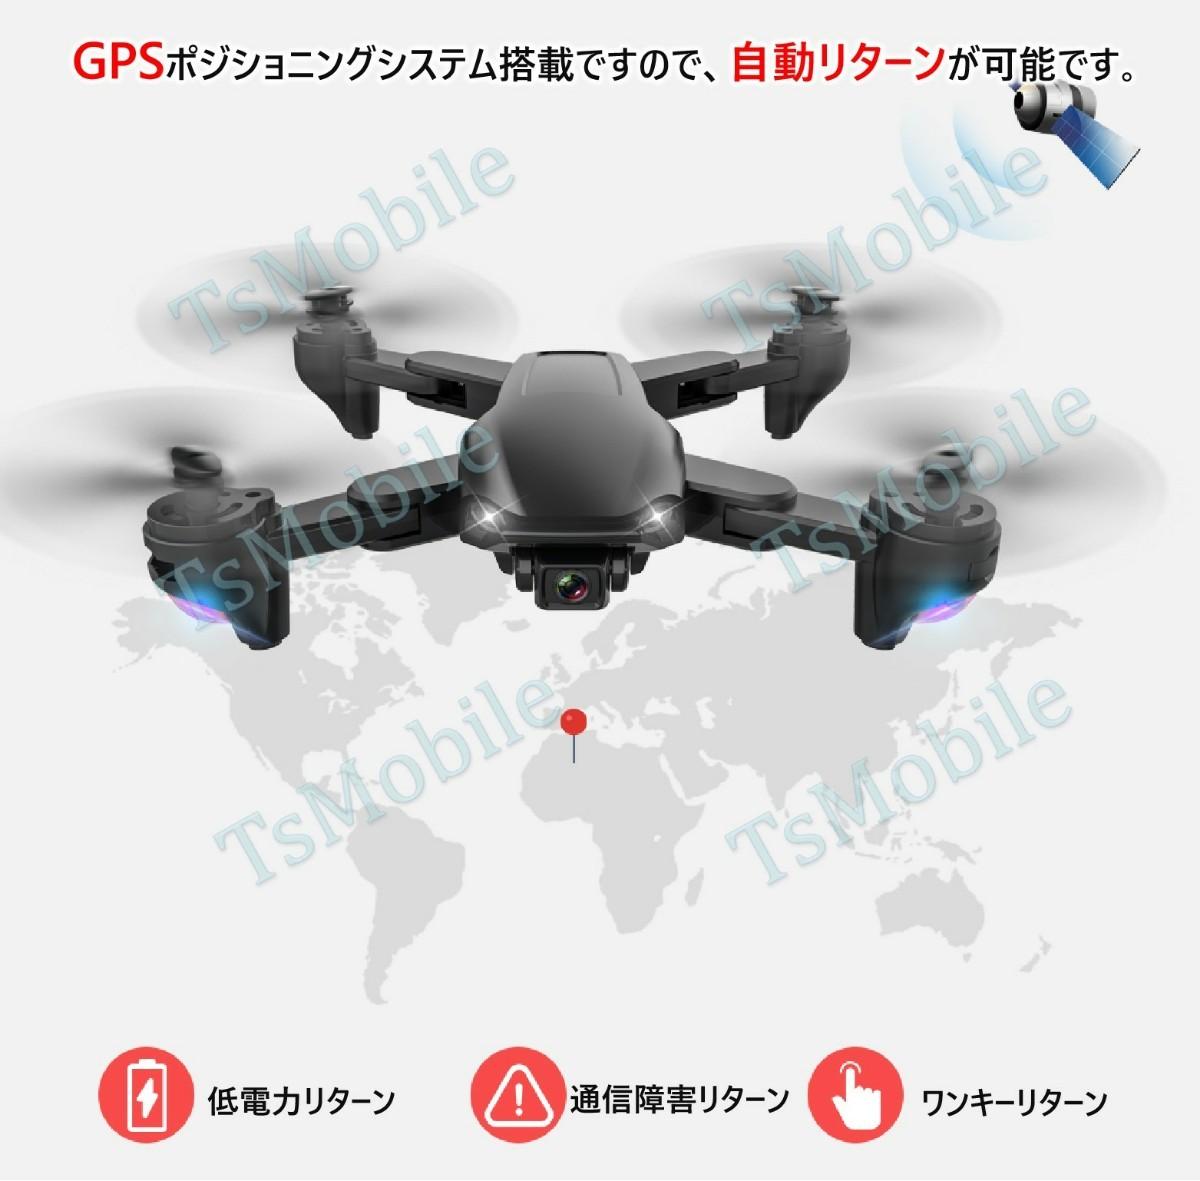 ドローンSG701s GPS FPVクワッドコプター搭載 4K 空撮カメラ付